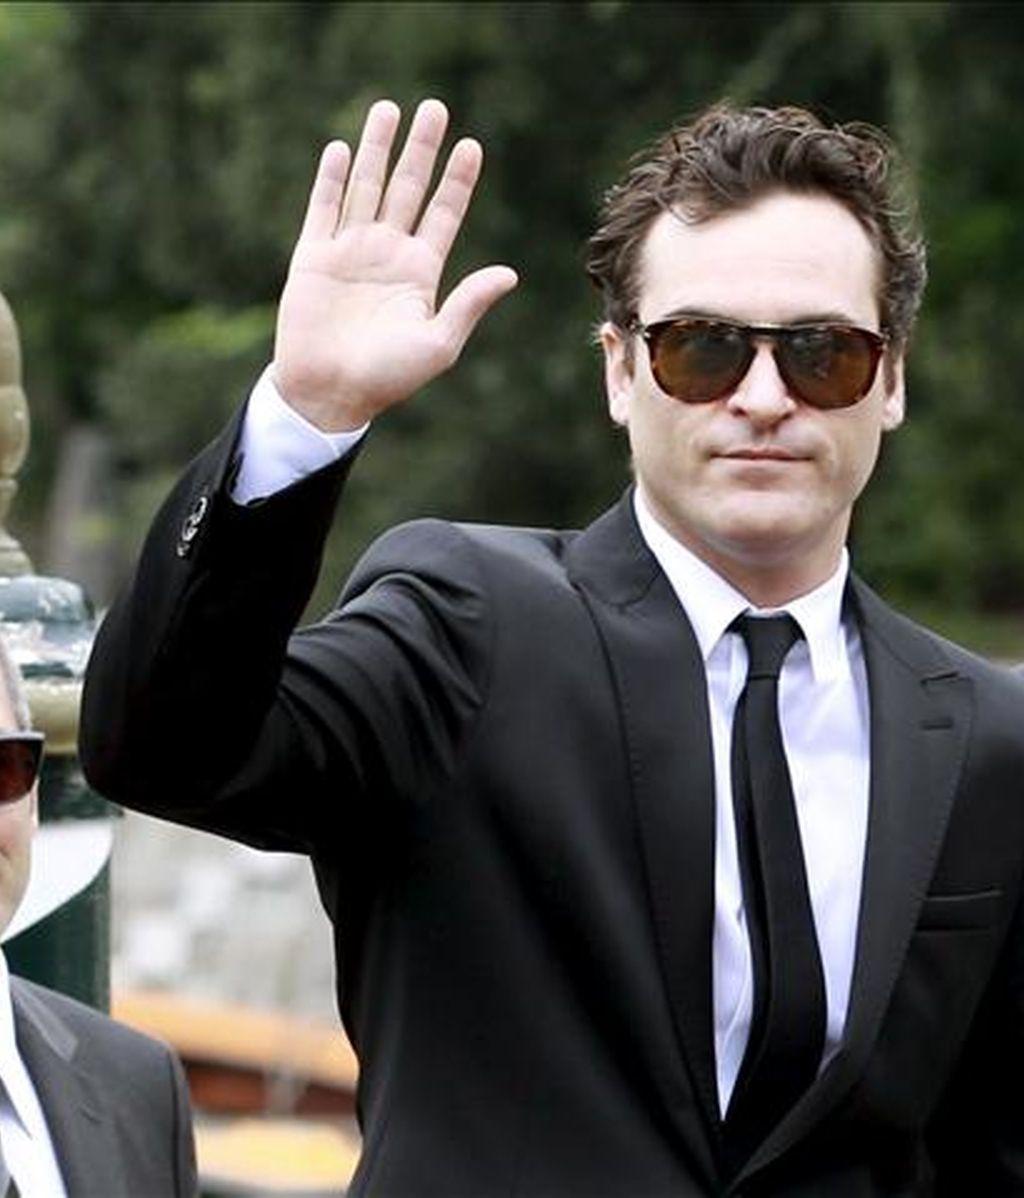 El actor estadounidense Joaquin Phoenix saluda a su llegada al 67 Festival Internacional de Cine de Venecia, Italia. EFE/Archivo